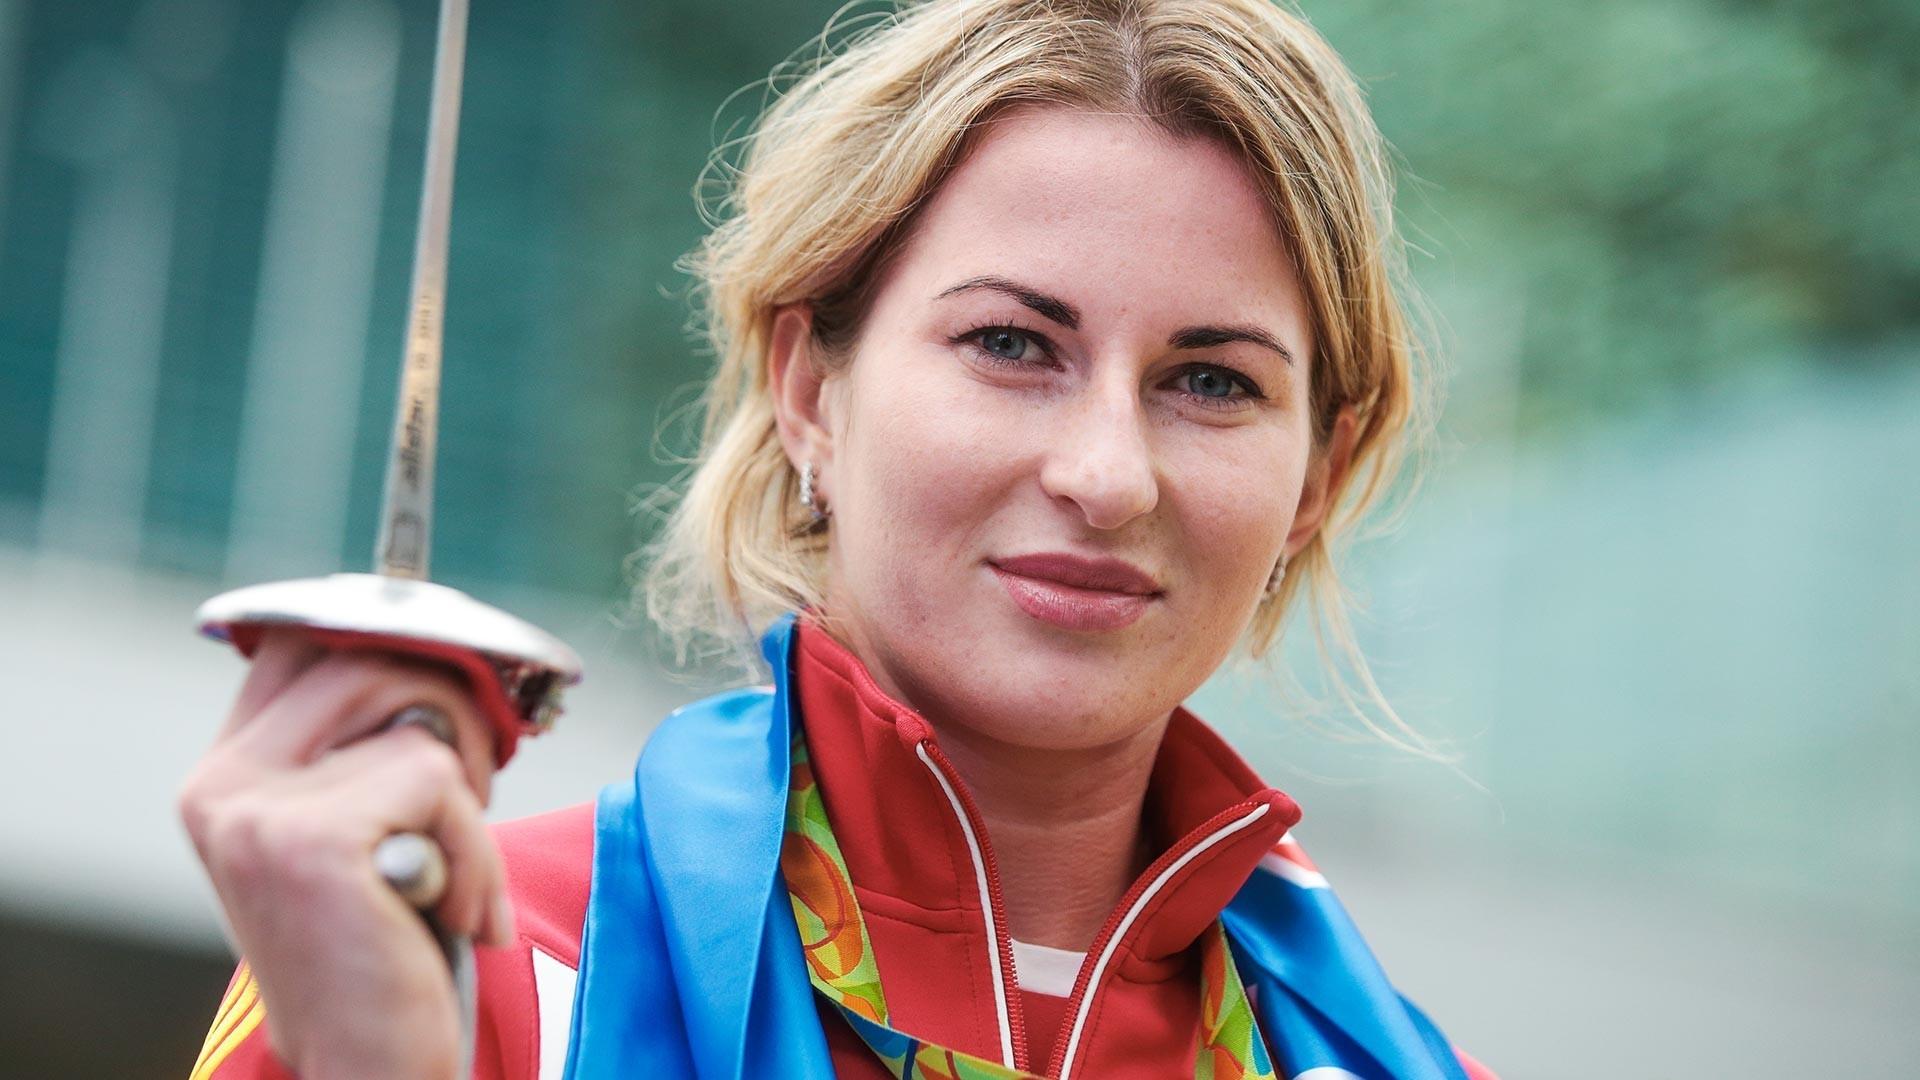 Campeã olímpica de esgrima Inna Deriglazova no aeroporto Sheremetievo, em Moscou